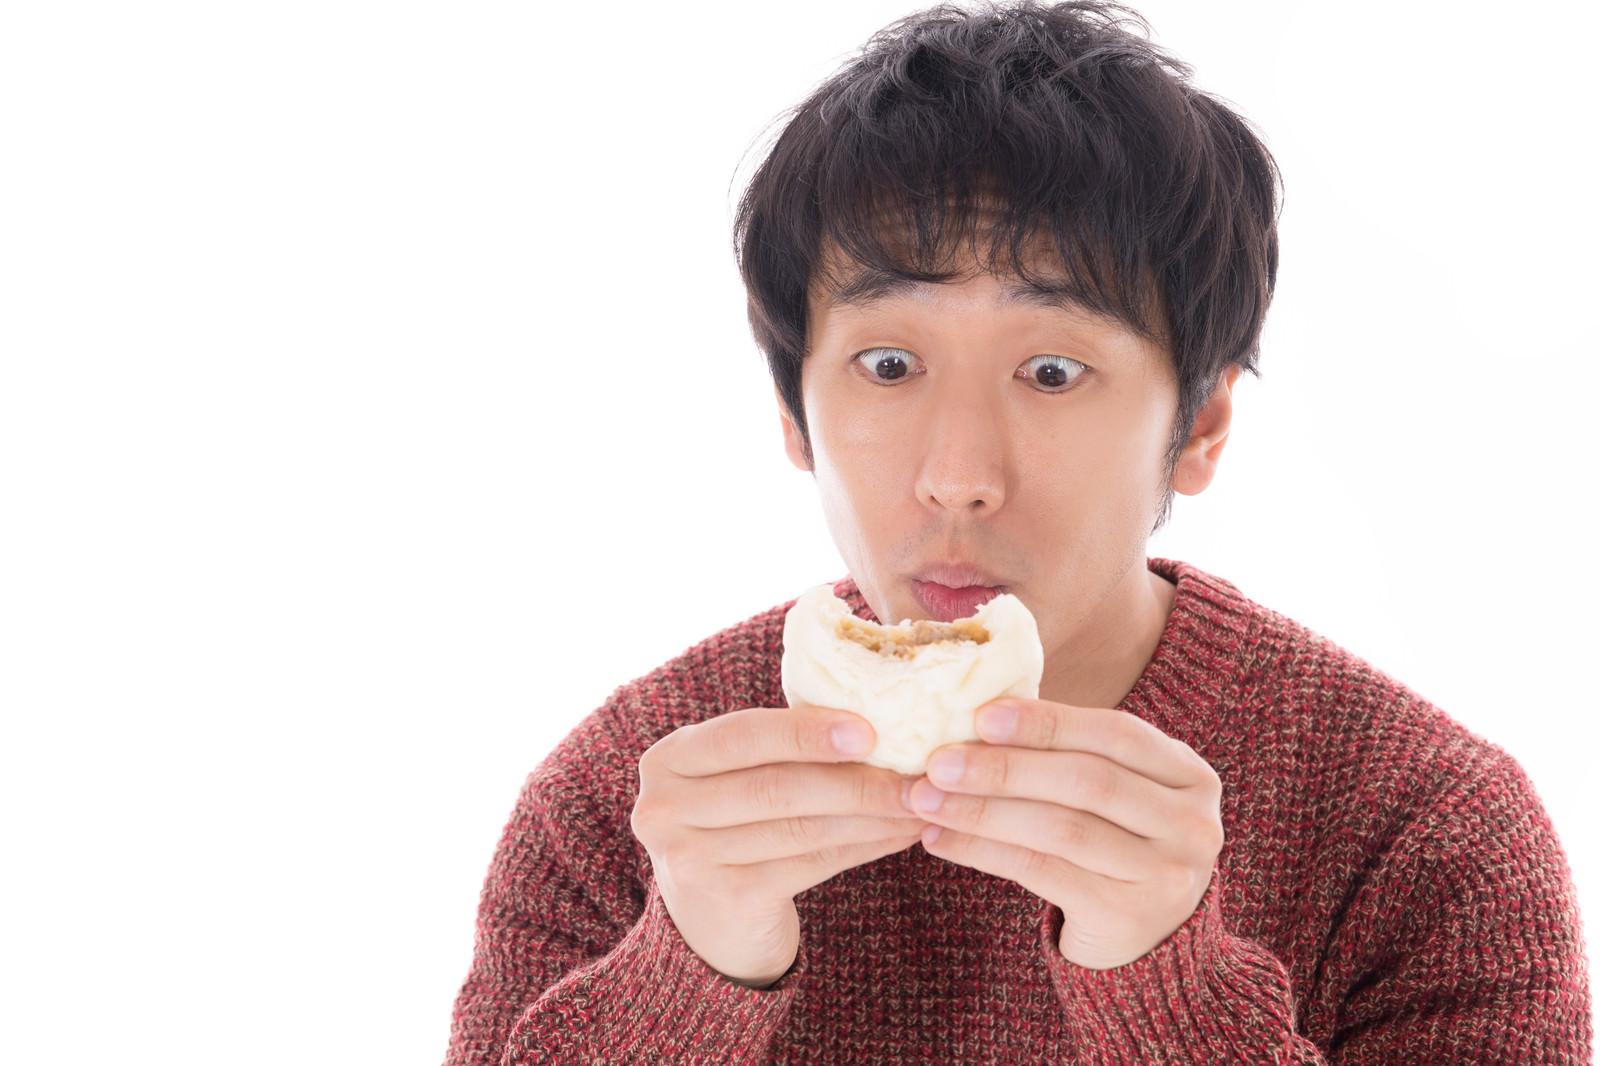 「肉まんのプレミアムな美味しさに感動するグルメブロガー」の写真[モデル:大川竜弥]